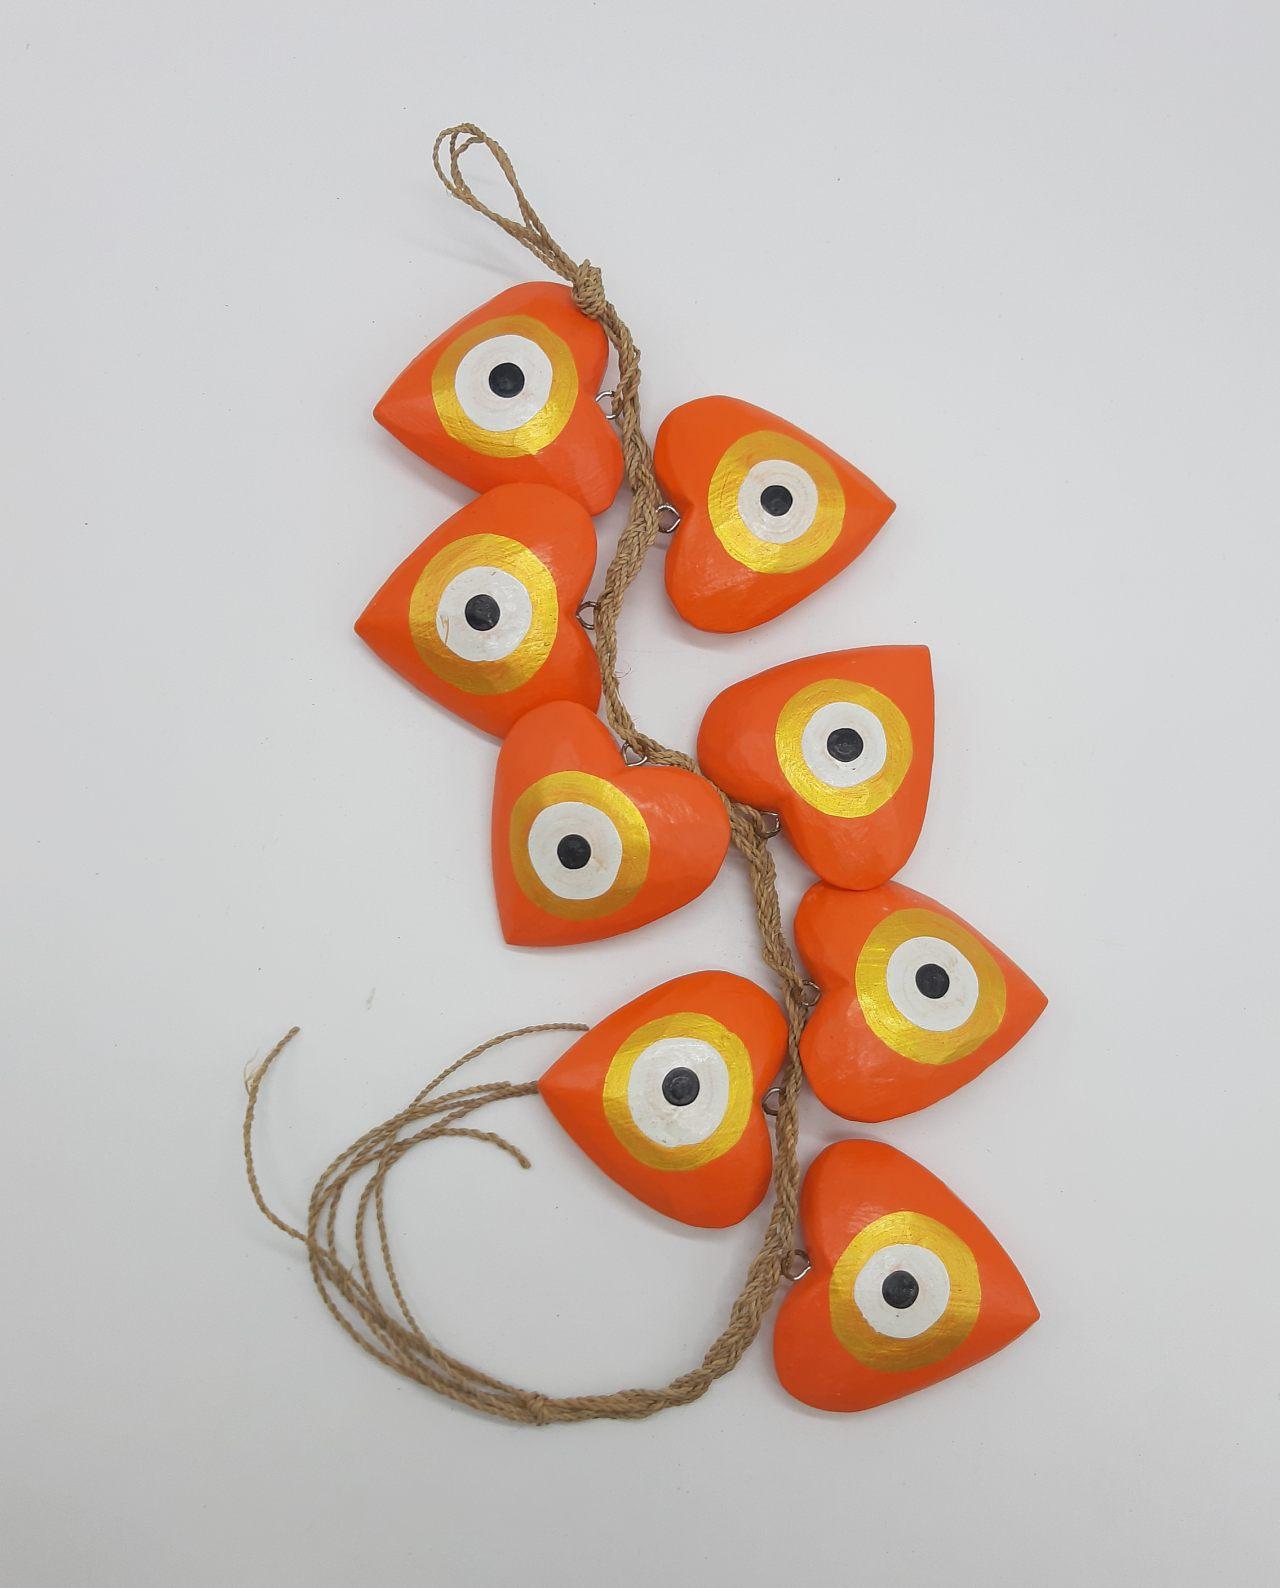 Γιρλάντα 8 καρδιές ματάκι χειροποίητες ξύλινες, μήκος 50 cm χρώμα πορτοκαλί χρυσό